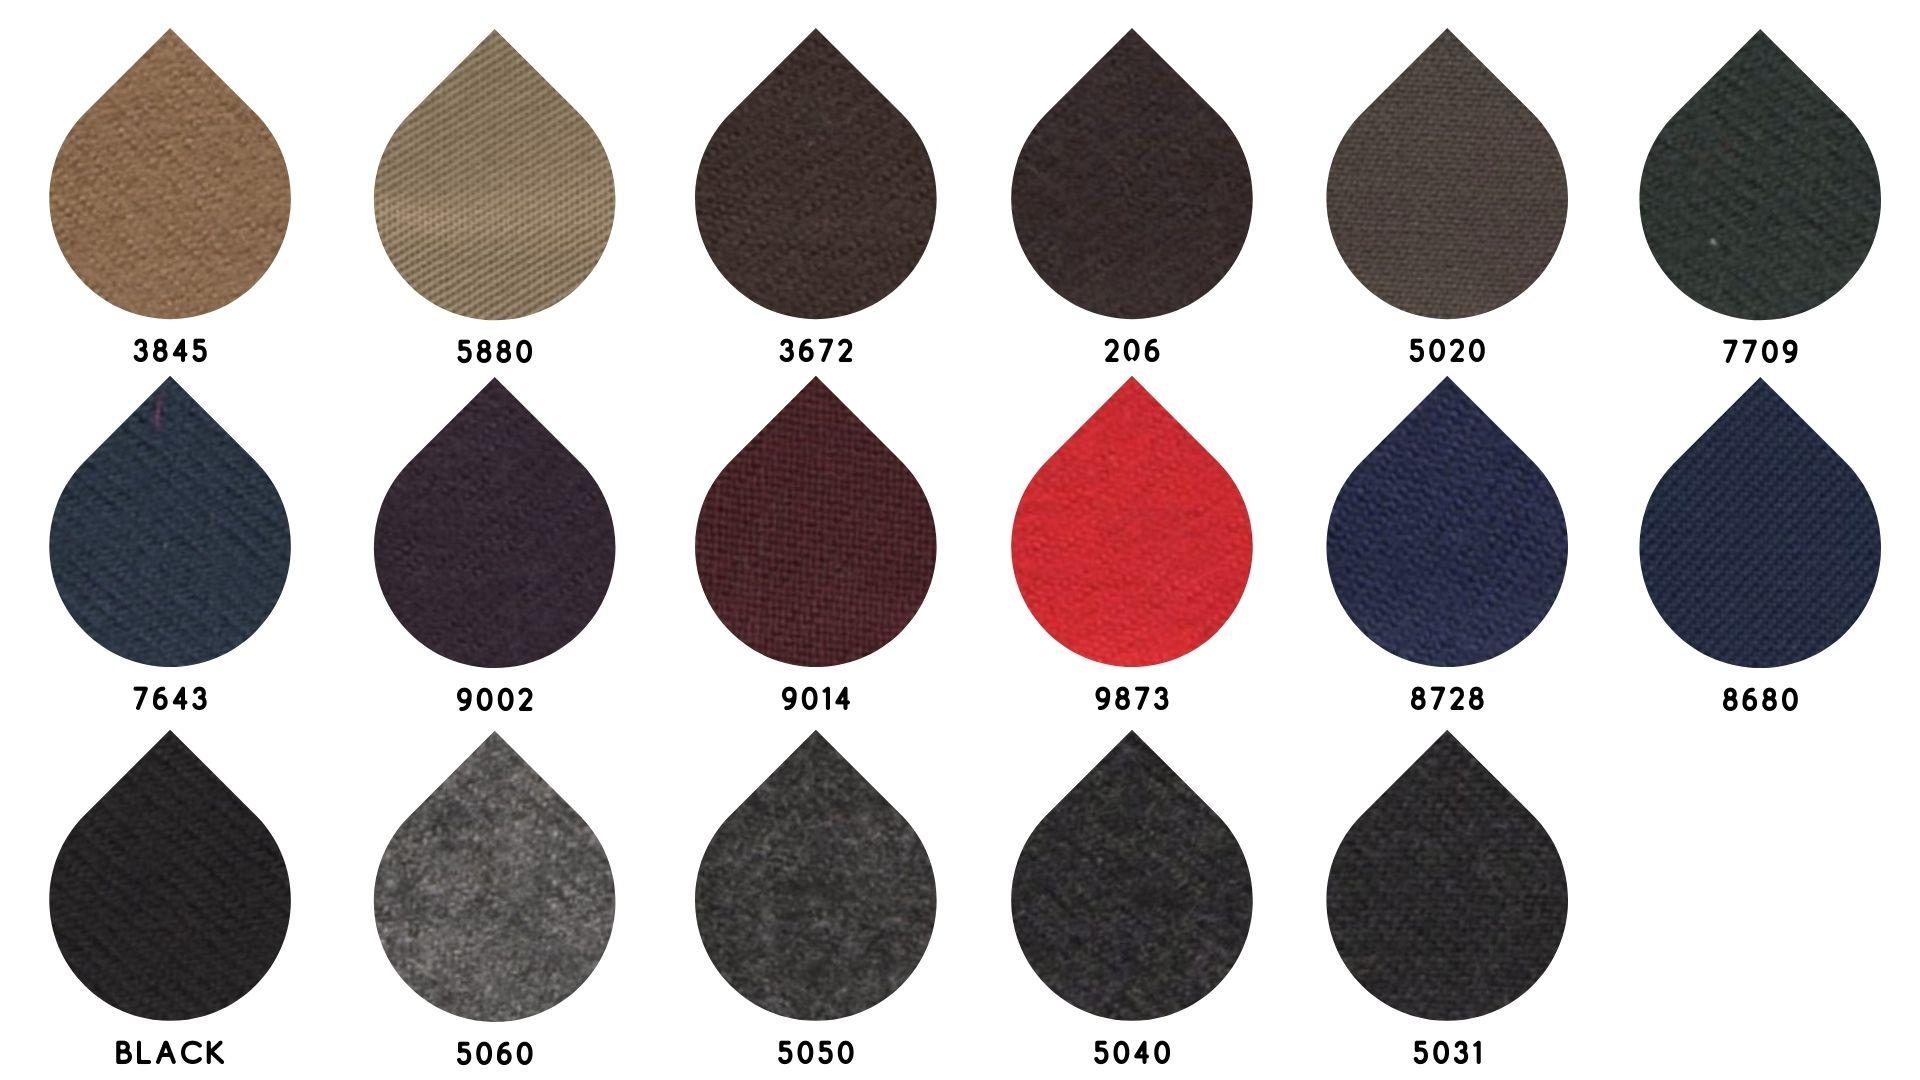 la cartella colore del tessuto 2481 di Leadford & Logan